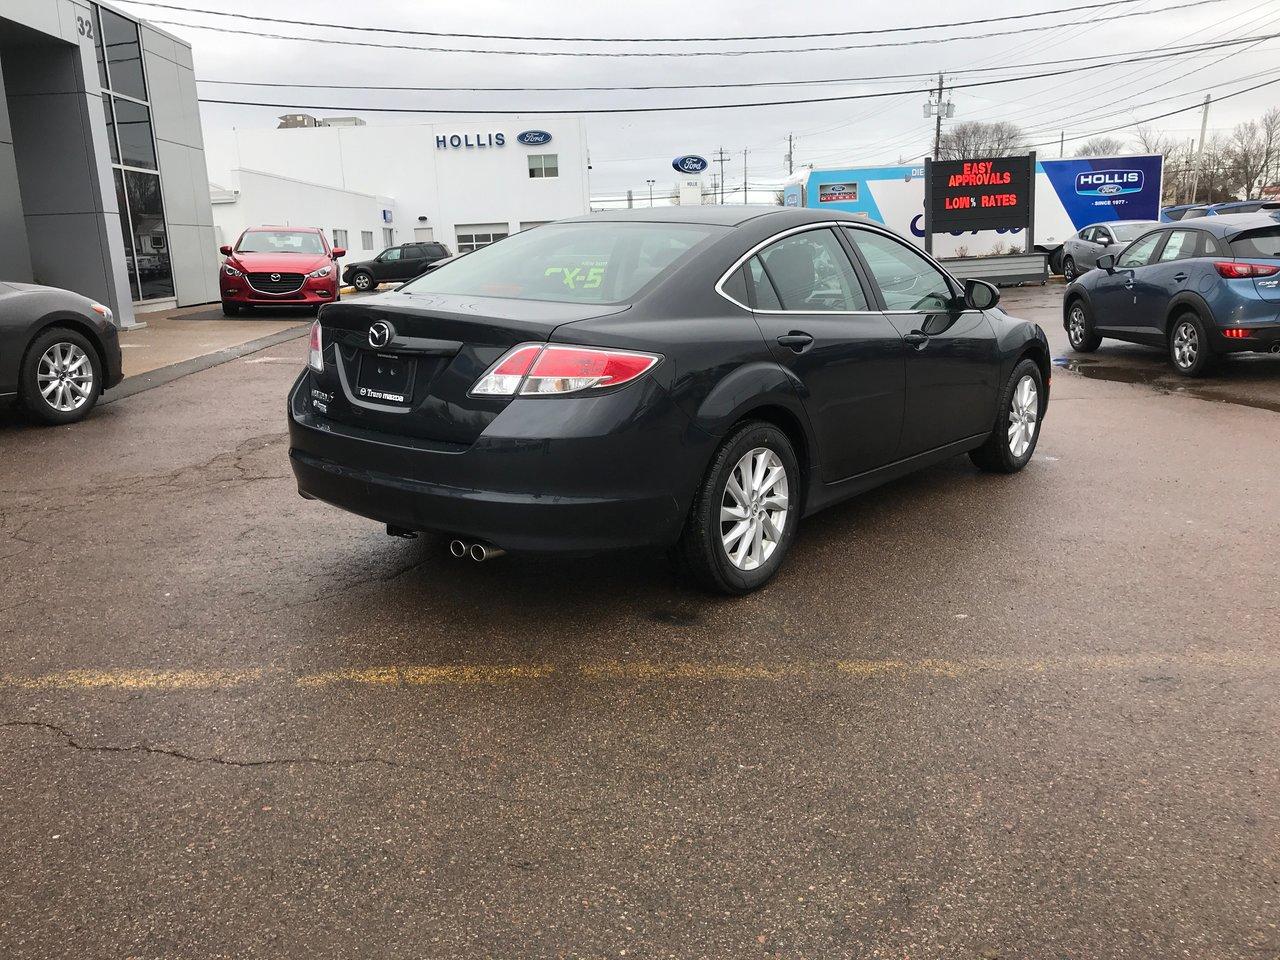 Photo 2013 Mazda Mazda6 $47/WK TAX IN!!! NEW TIRES! NEW BRAKES! $47/WK TAX IN!!! NEW TIRES! NEW BRAKES!